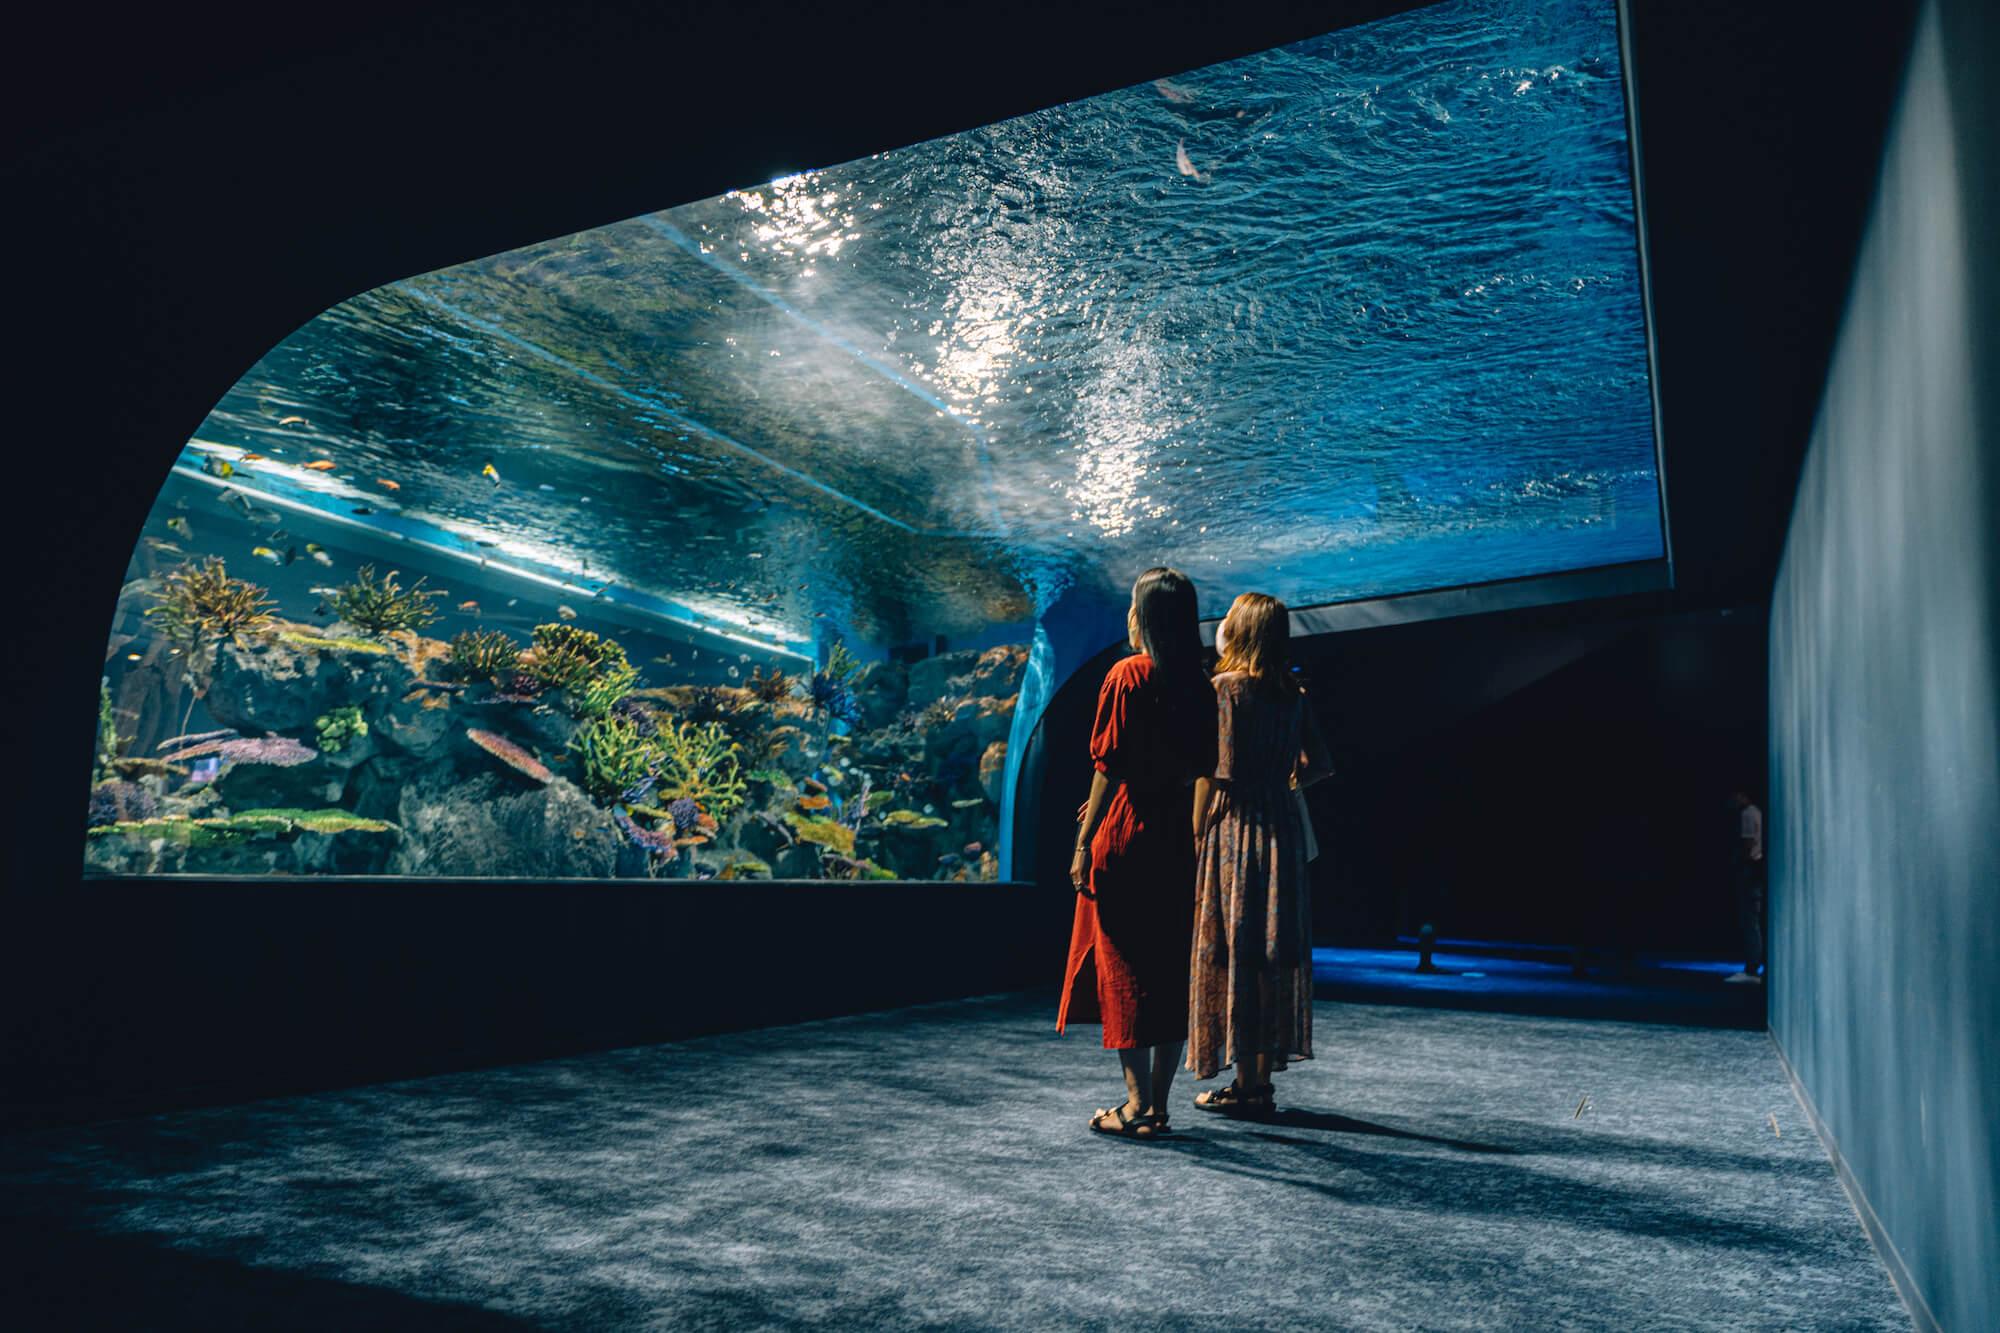 沖縄の水族館 DMMかりゆし水族館